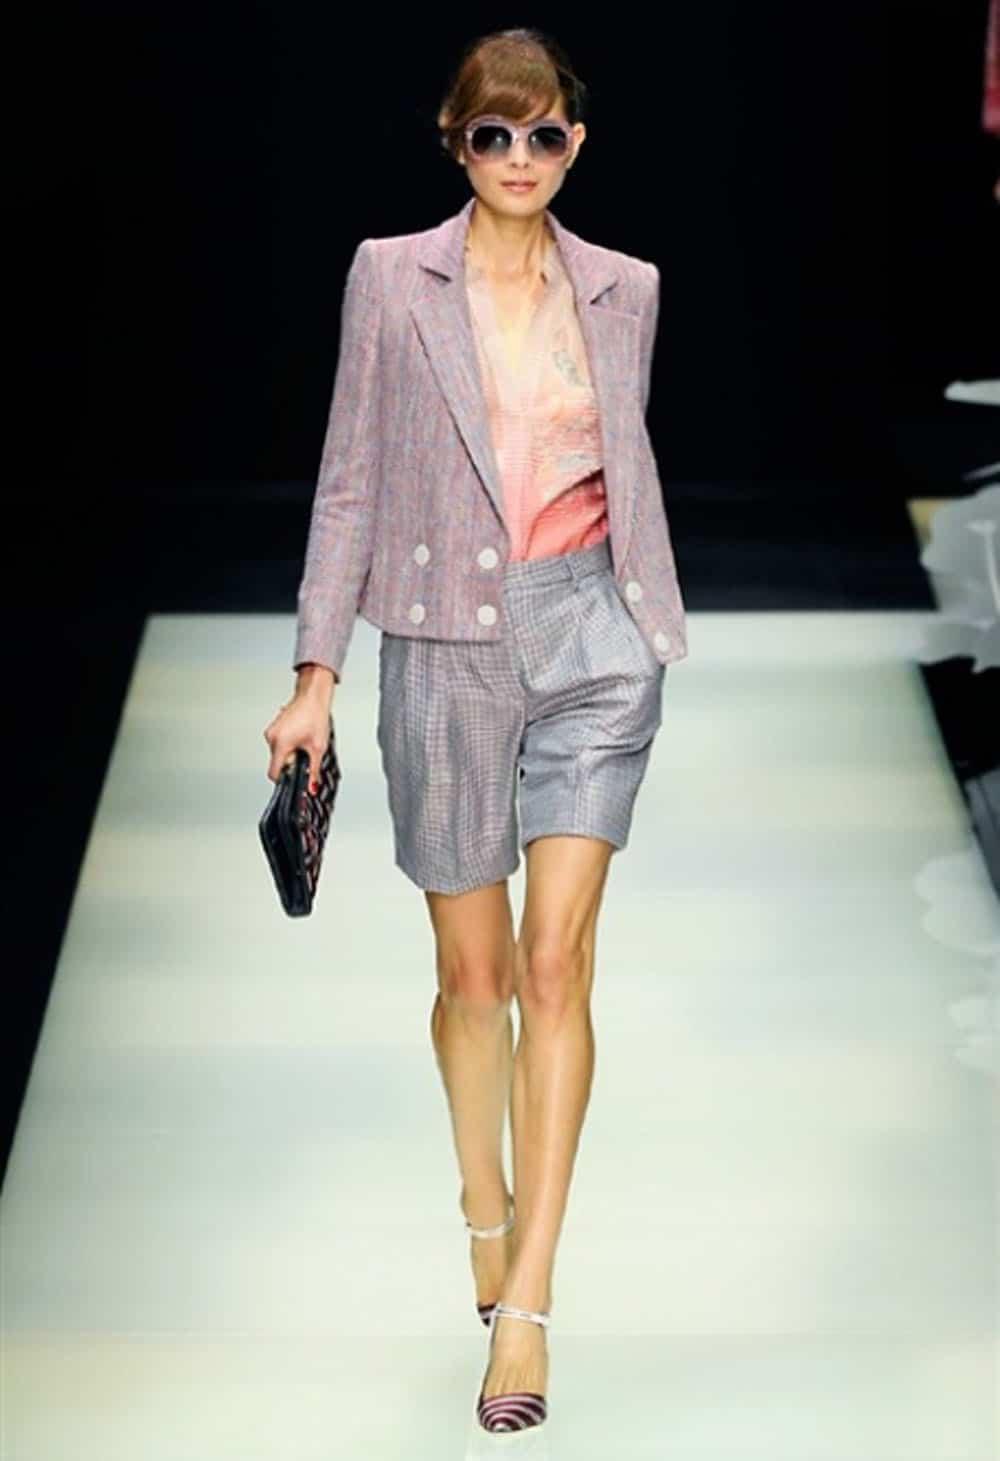 Glamour Affair - Fashion Week 06